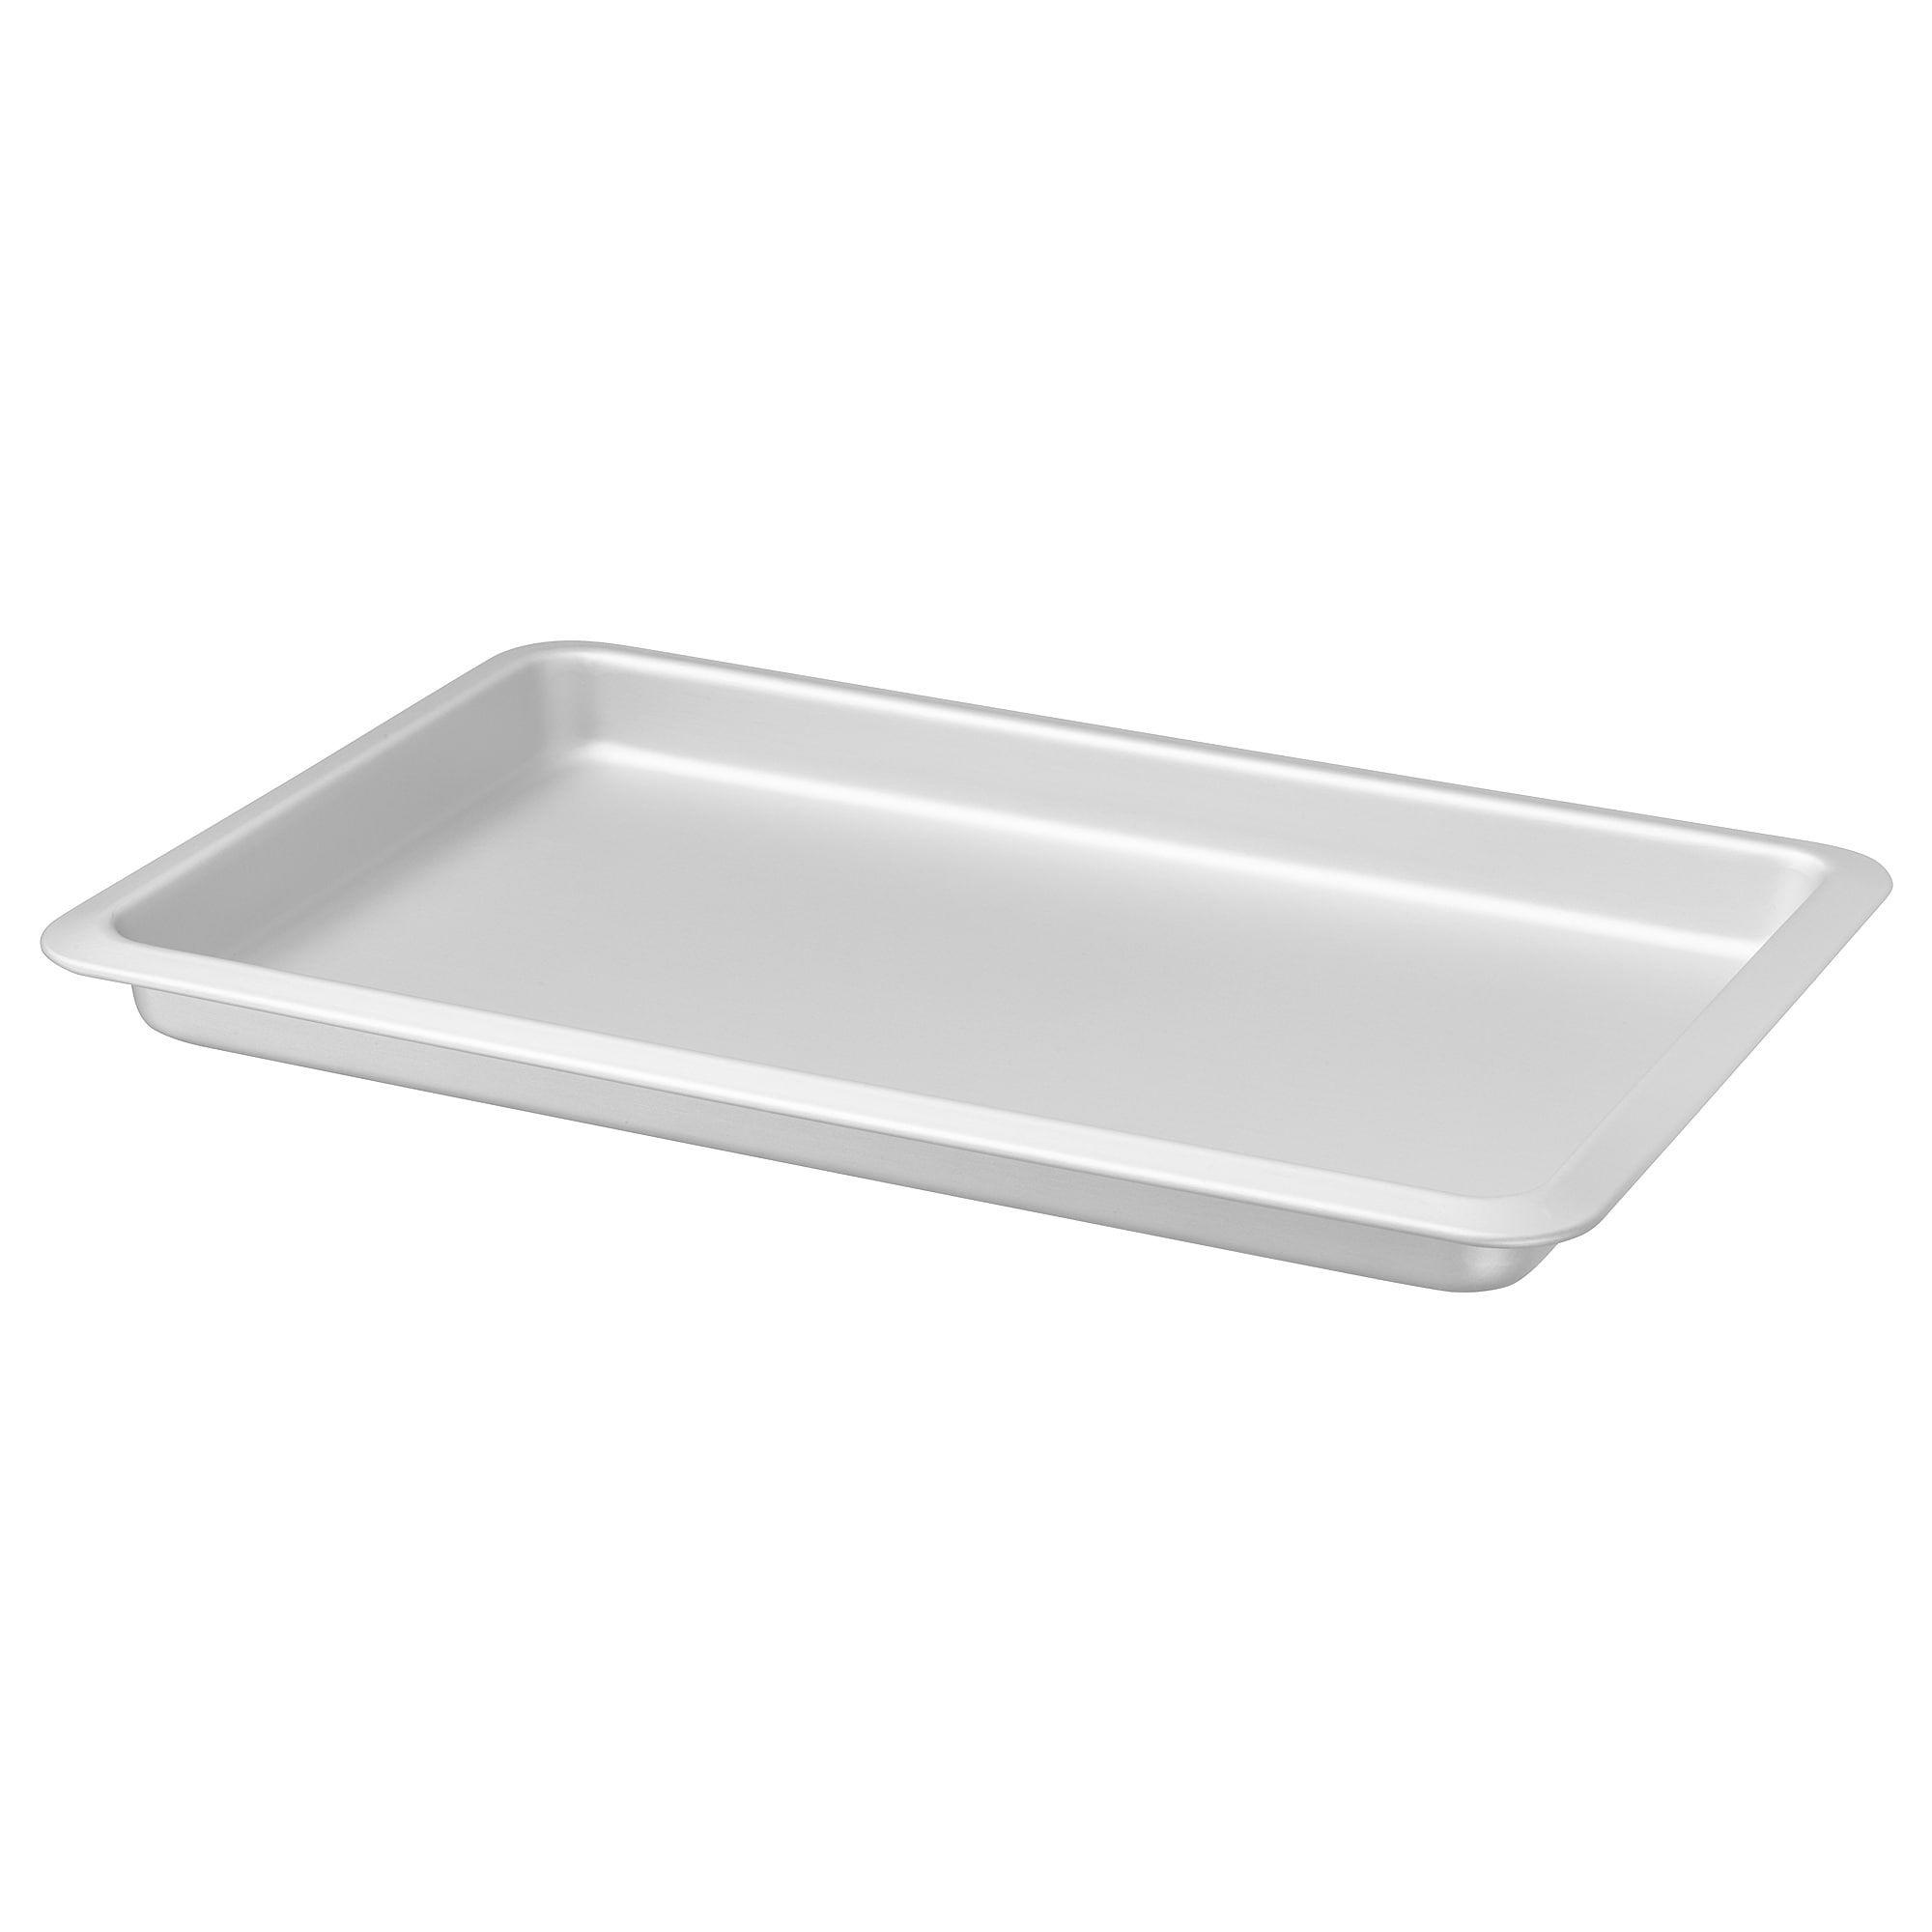 Vardagen Baking Pan Silver Color 15x10 2 Qt Baking Tins Ikea Vardagen Baking Pans